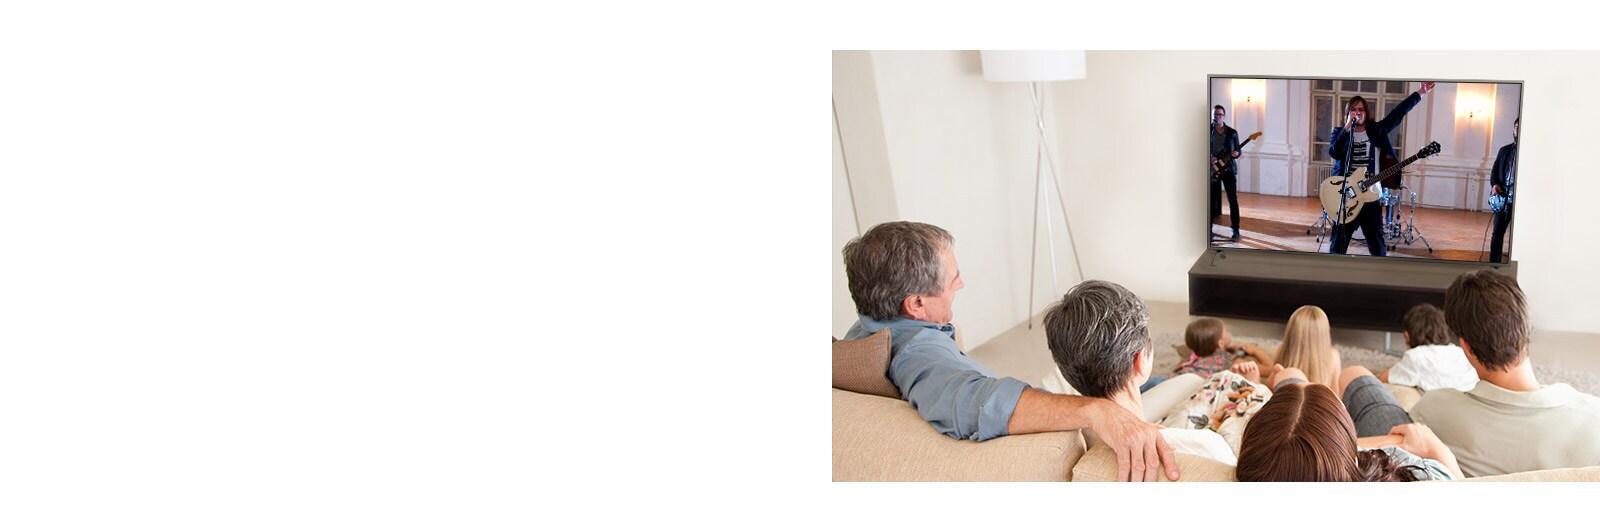 Una familia de siete reunida en el salón y mirando una película. La pantalla del televisor muestra la actuación musical de un grupo.